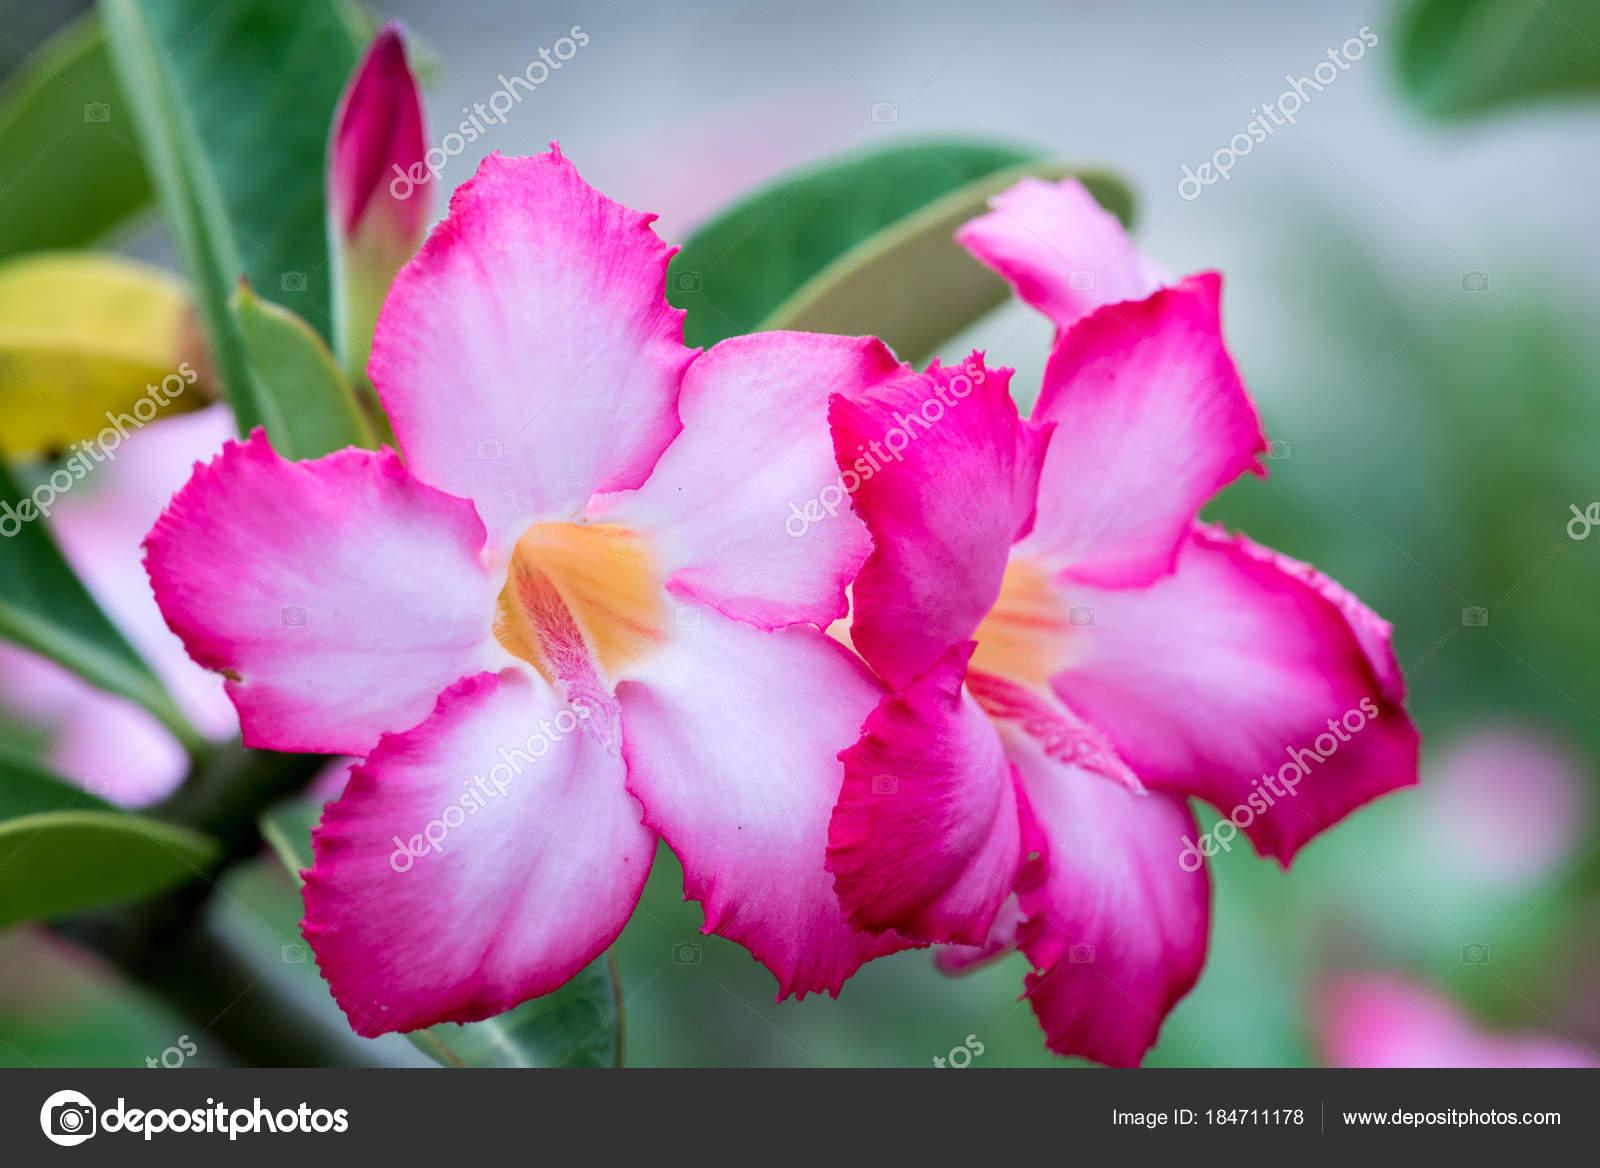 Amazing Beautiful Flowers Background Stock Photo Totookhotmail